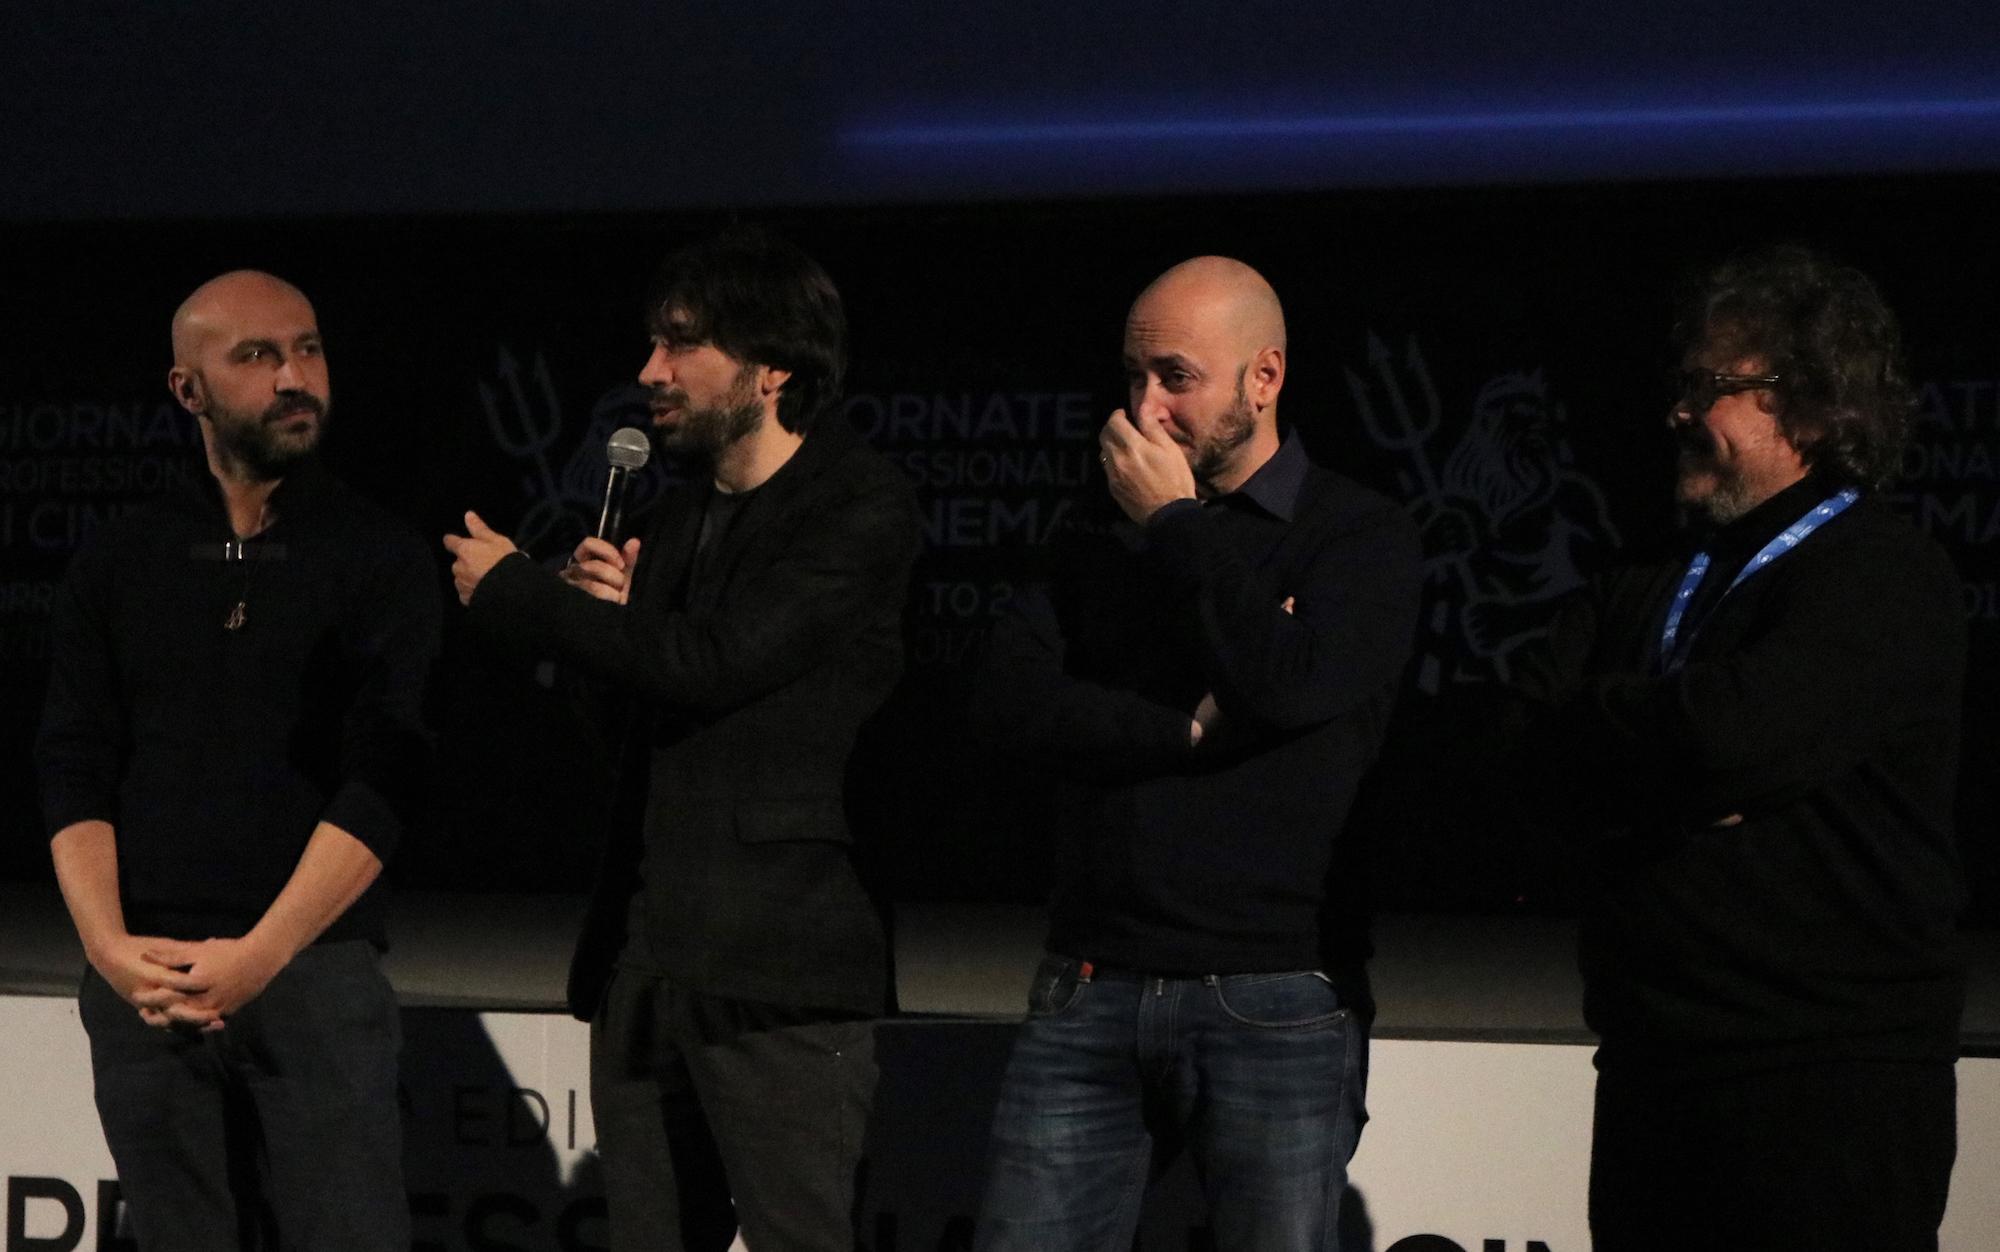 Omicidio all'italiana: Maccio Capatonda, Herbert Ballerina presentano il film a Sorrento a Sorrento